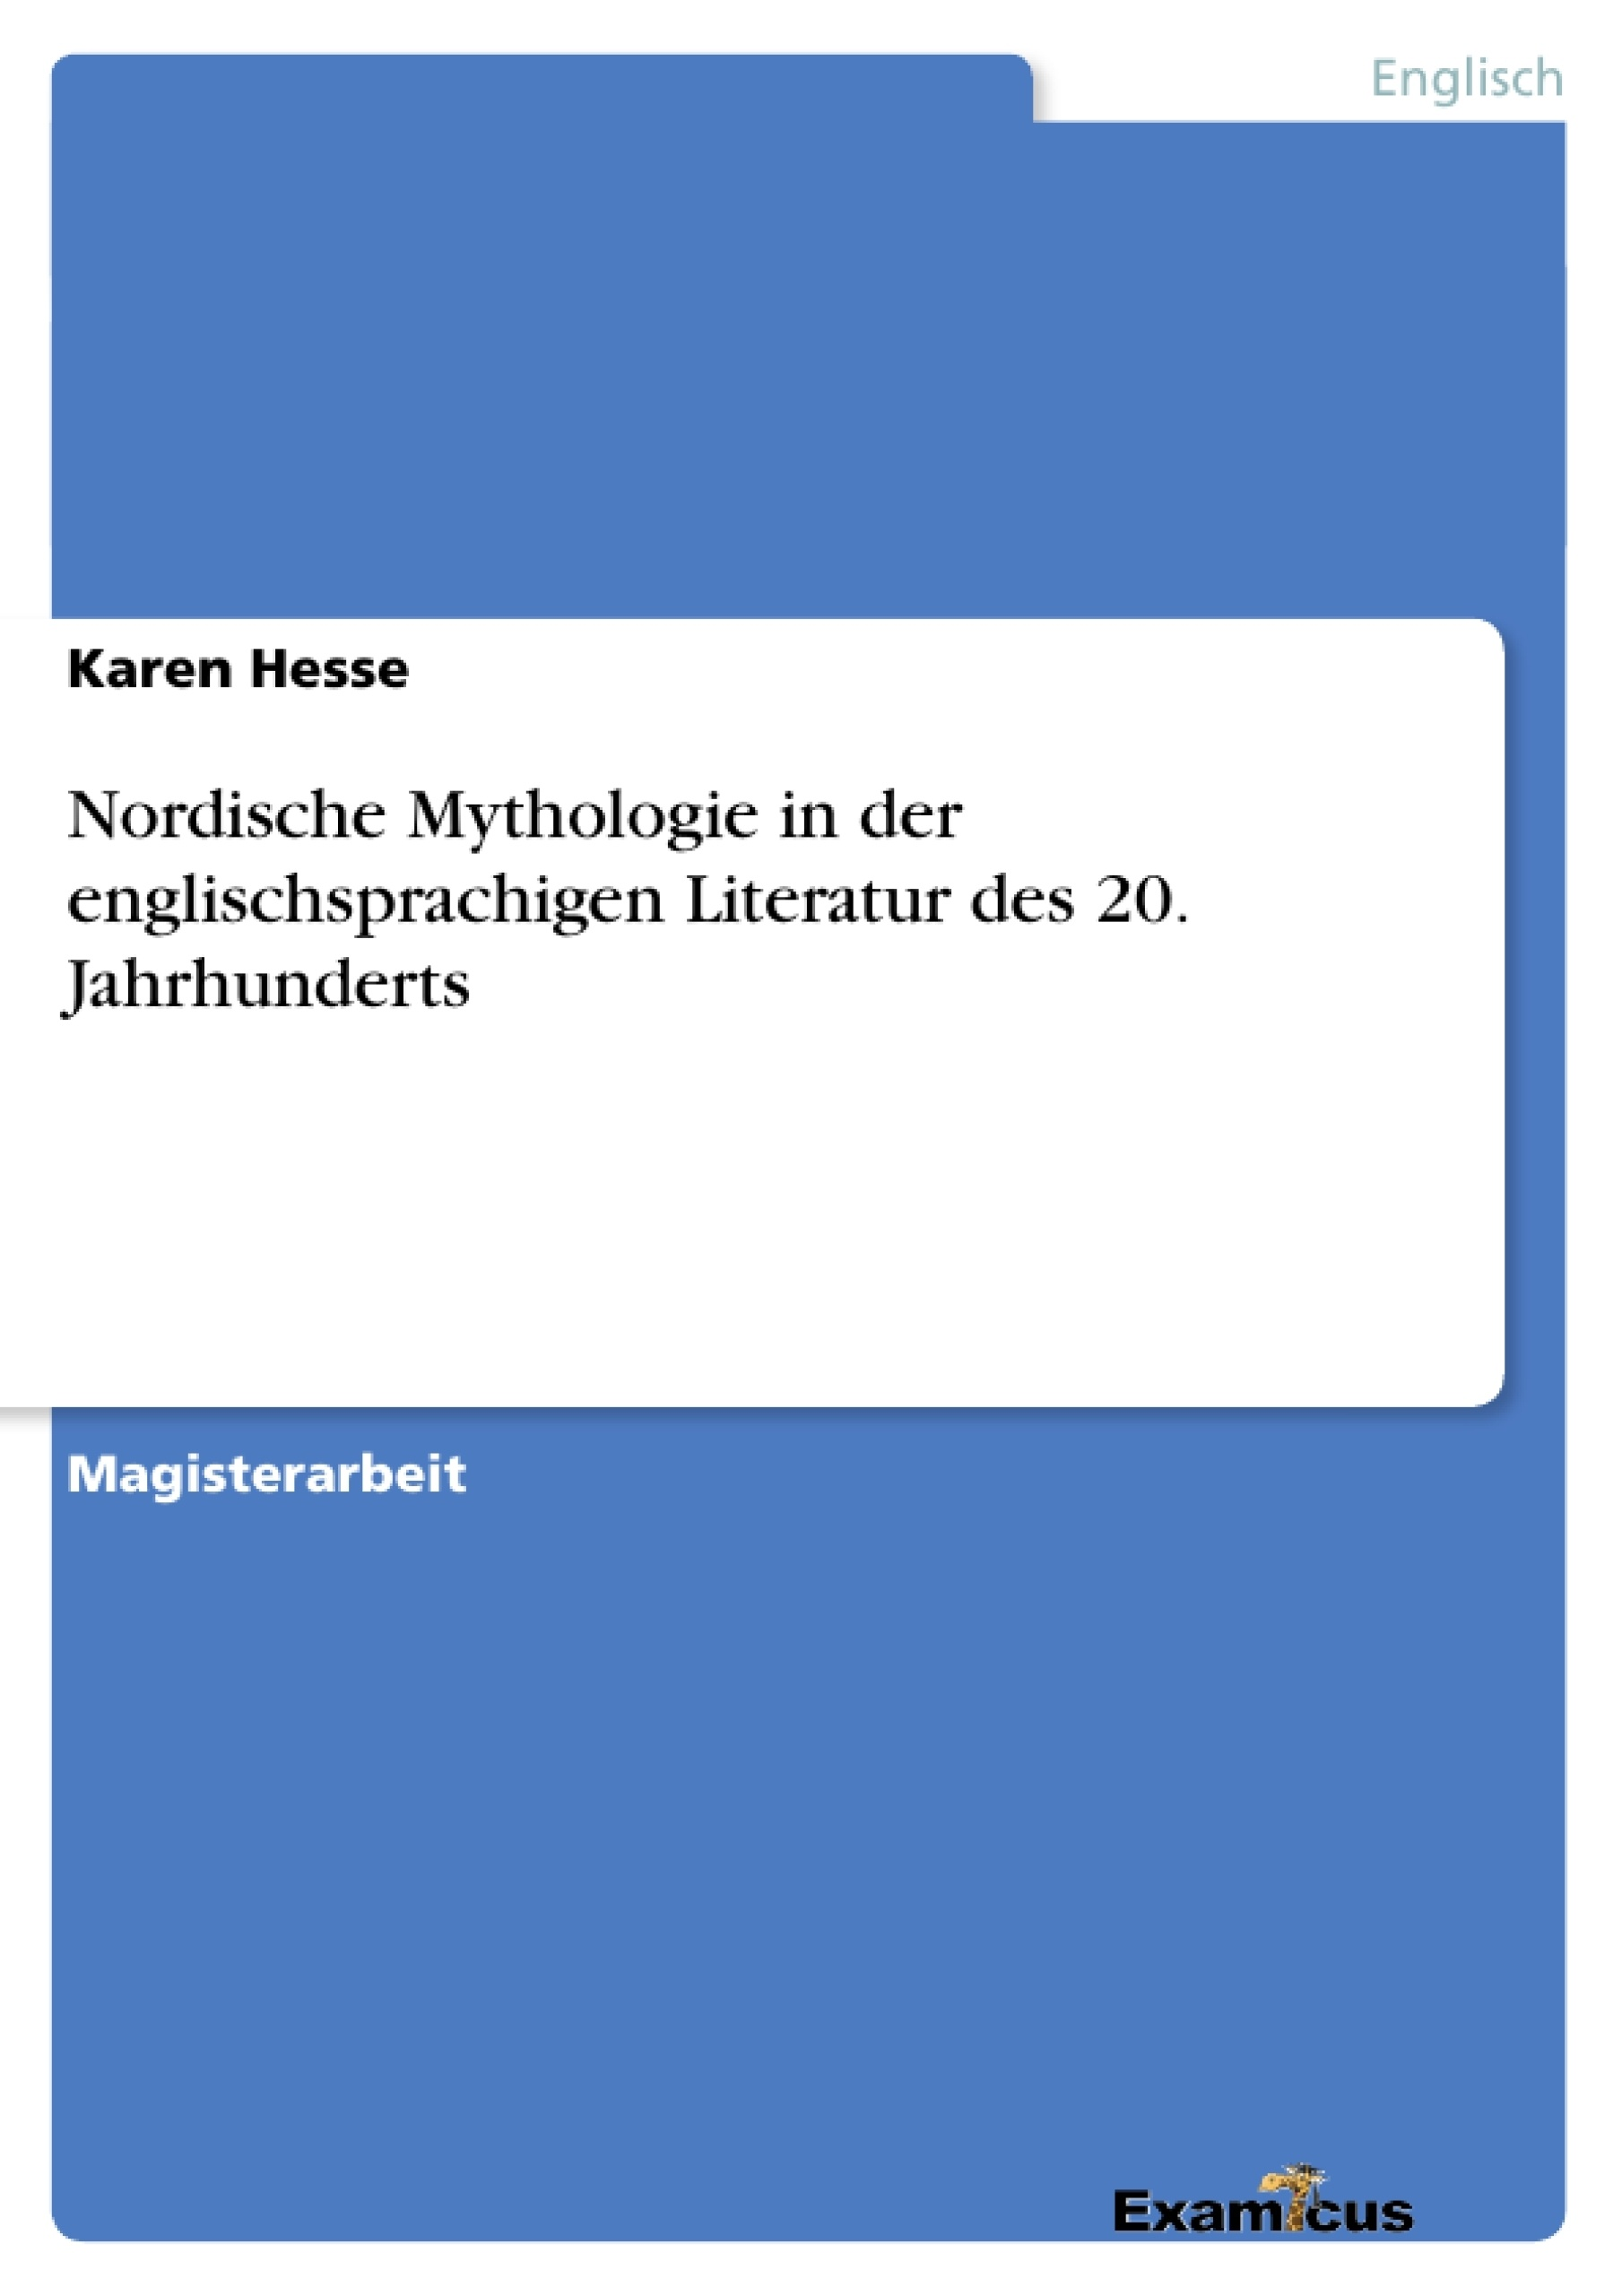 Titel: Nordische Mythologie in der englischsprachigen Literatur des 20. Jahrhunderts